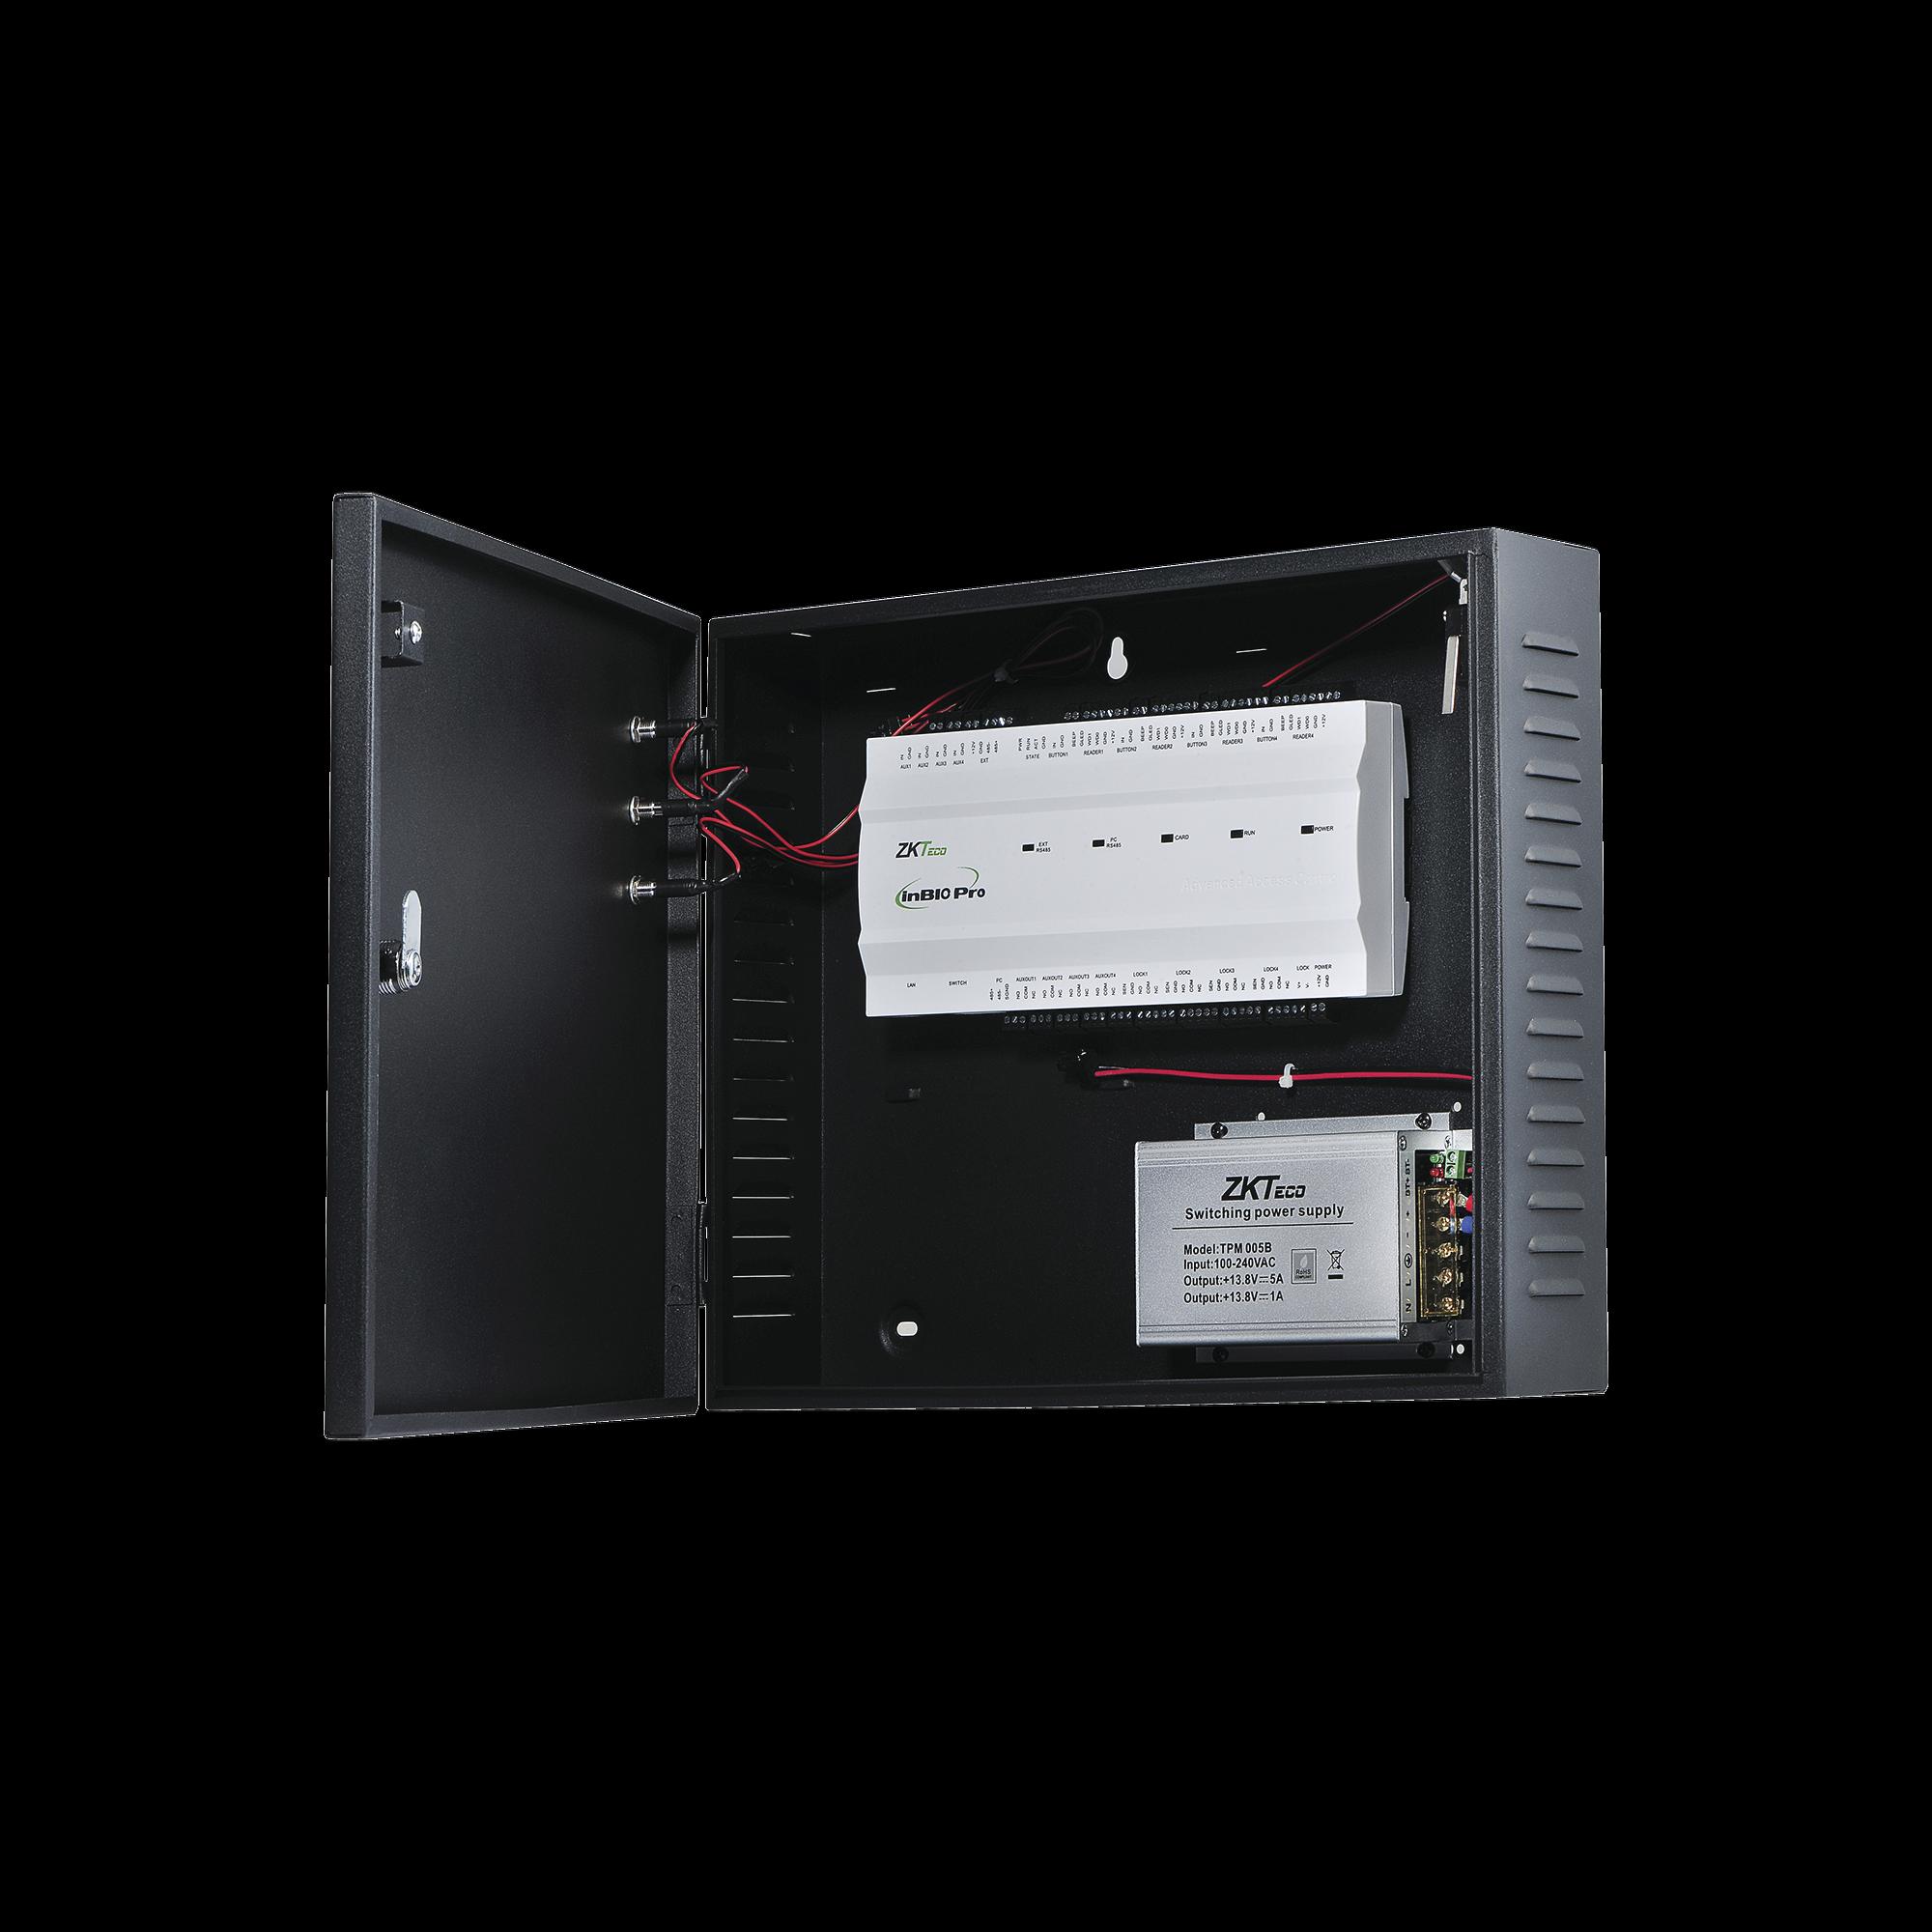 Controlador de Acceso / 1 PUERTA / Funcion ADMS PUSH Incluida / Alta Seguridad / 3 Años de Garantía / Biometría Integrada / 20,000 Huellas / Software de integración ZKBioSecurity